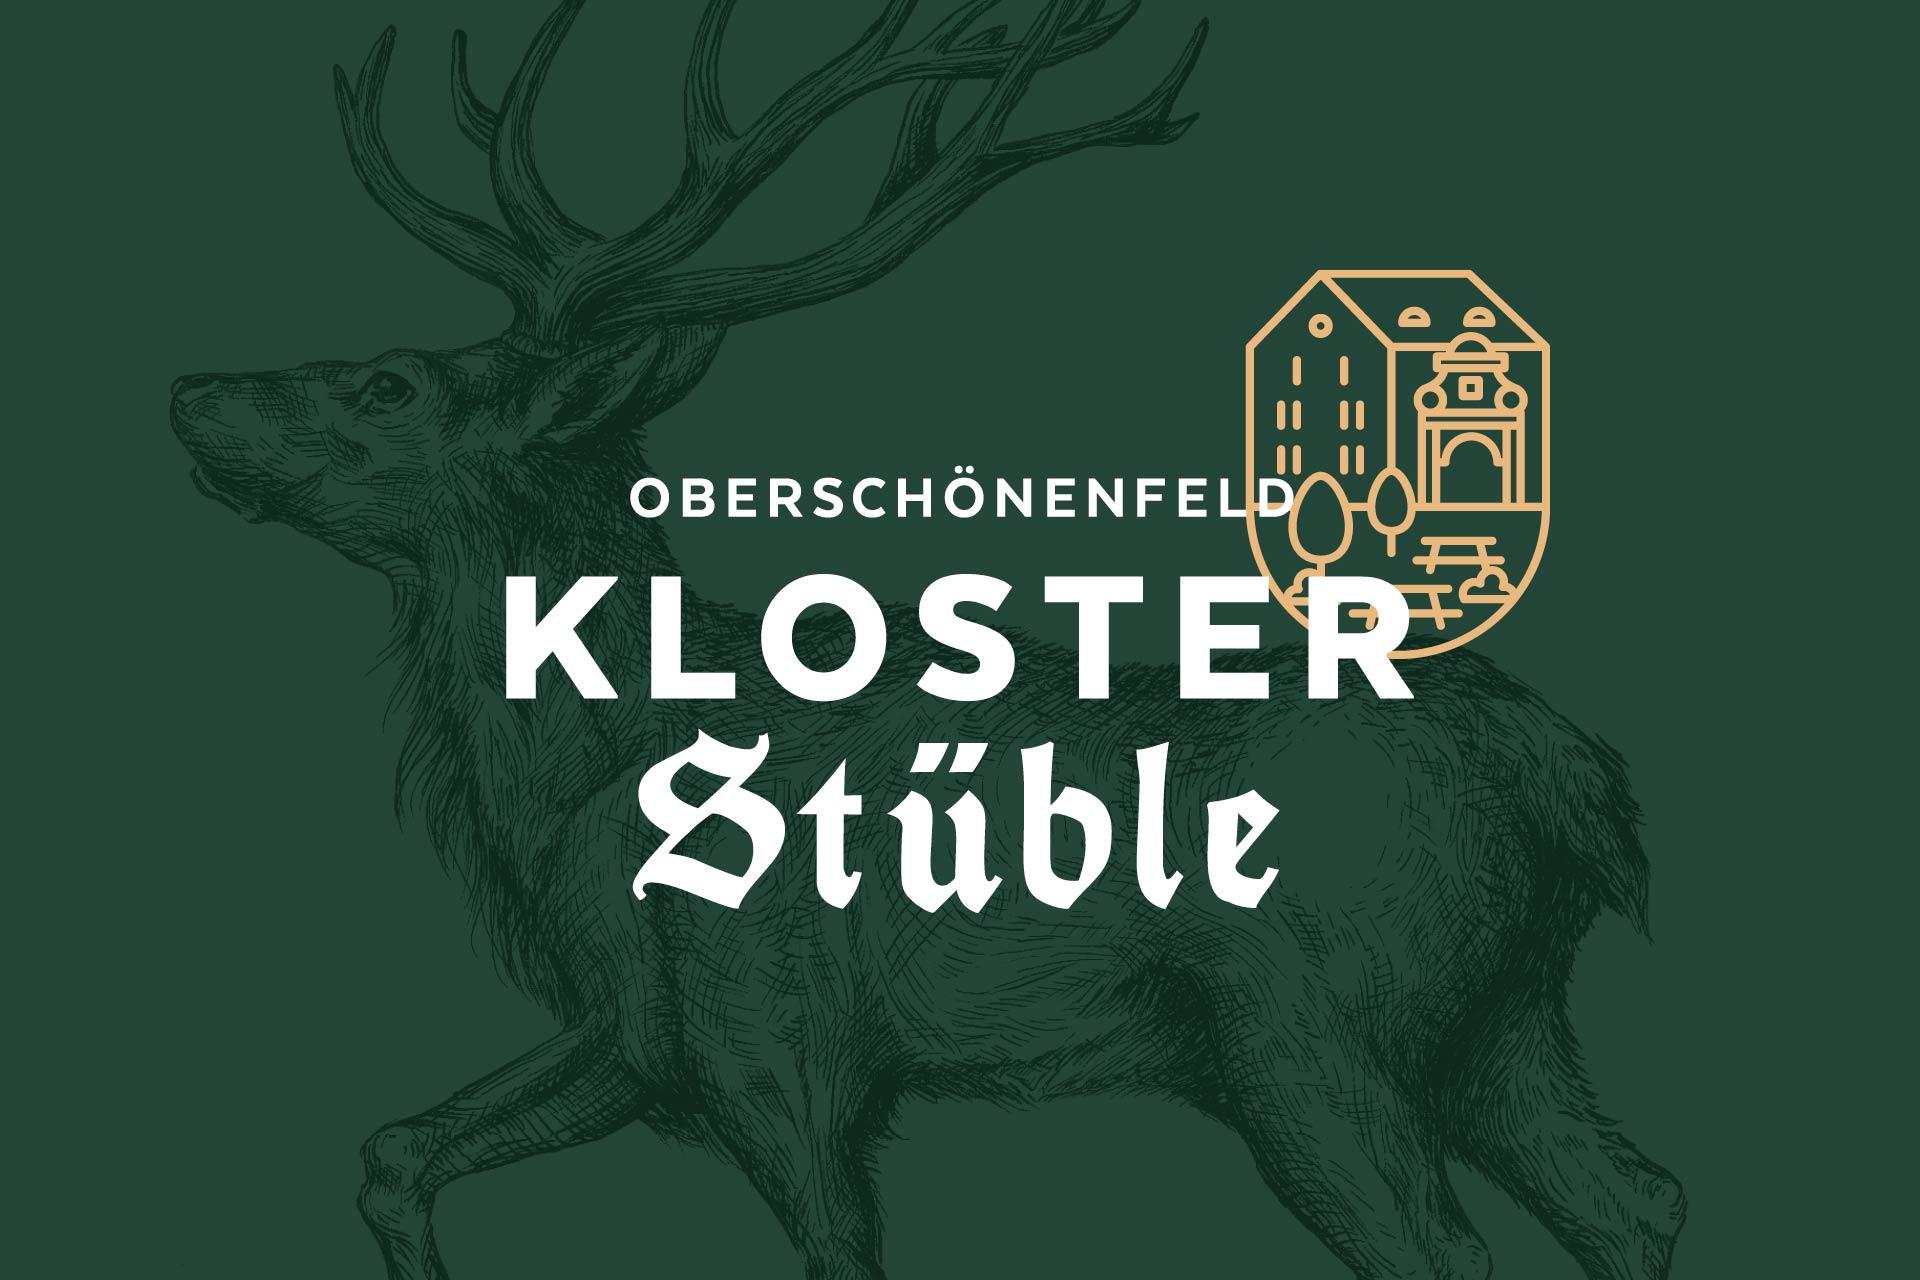 Neues Logo und Erscheinungsbild des Klosterstüble Oberschönenfeld